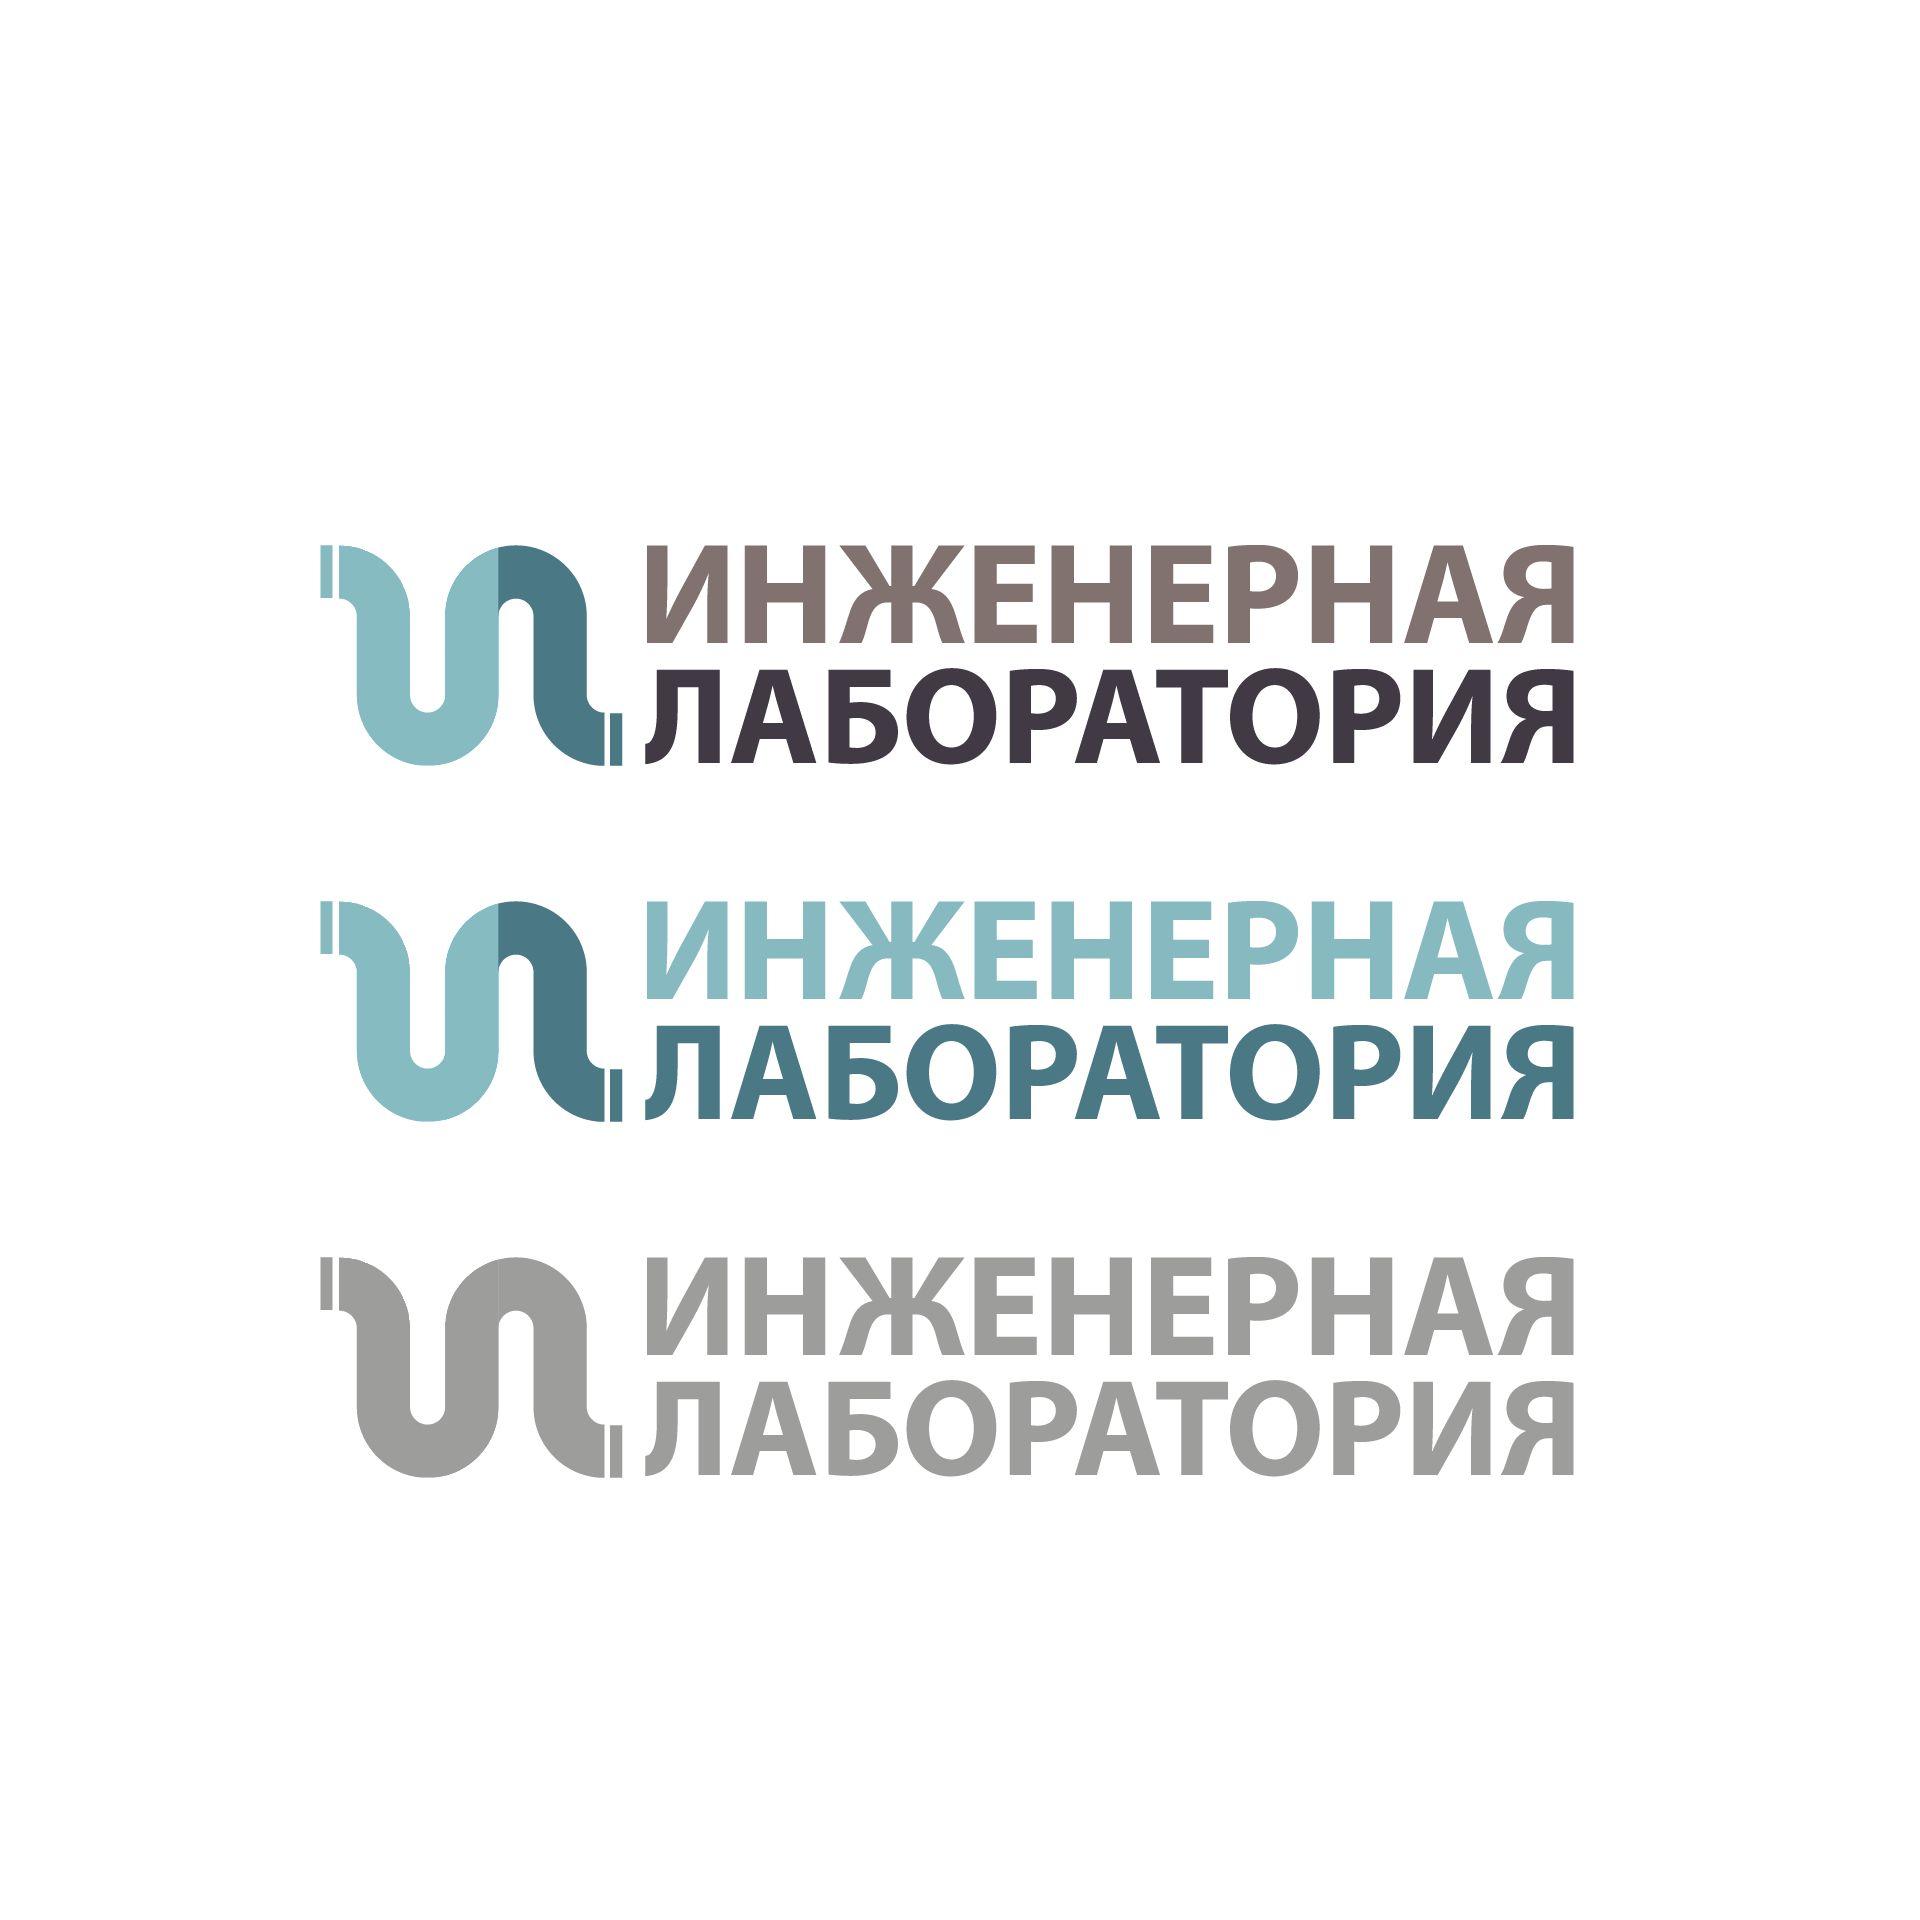 Лого и фирменный стиль для Инженерная лаборатория  - дизайнер alpine-gold